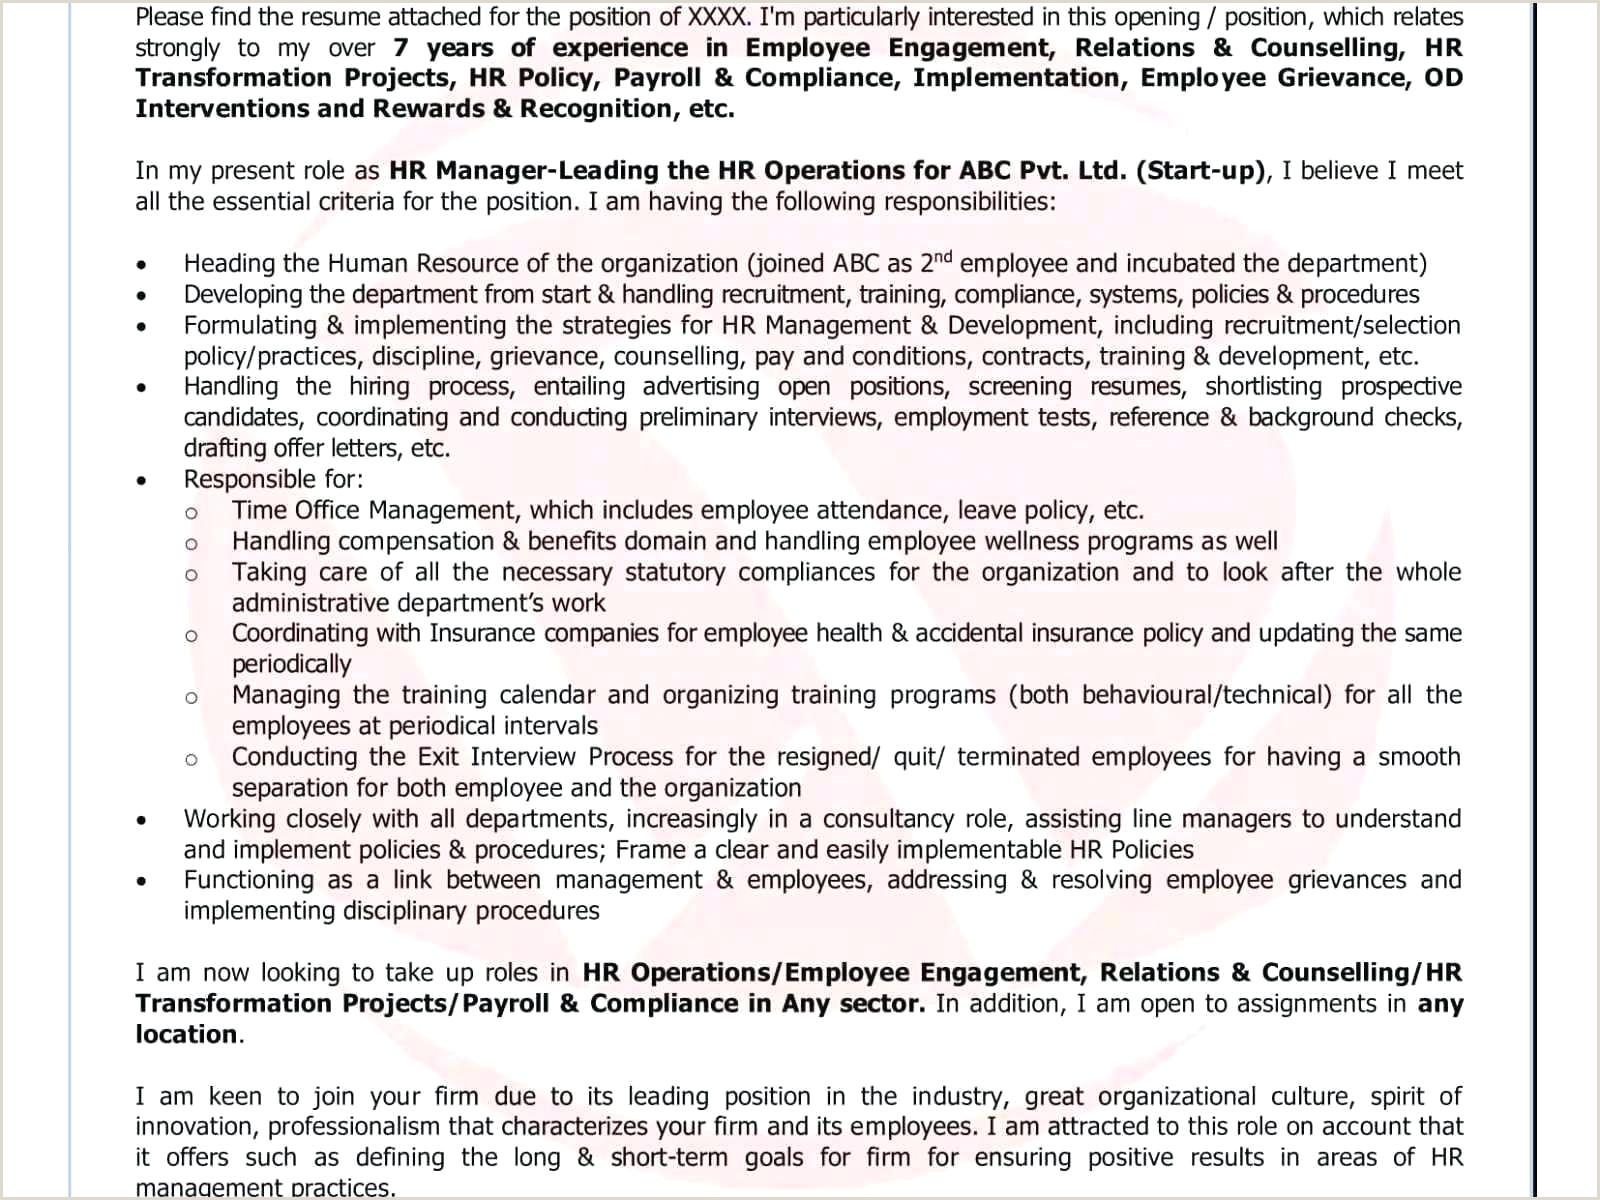 Waiter Job Description for Resume Resume Responsibilities Waitress for Resume